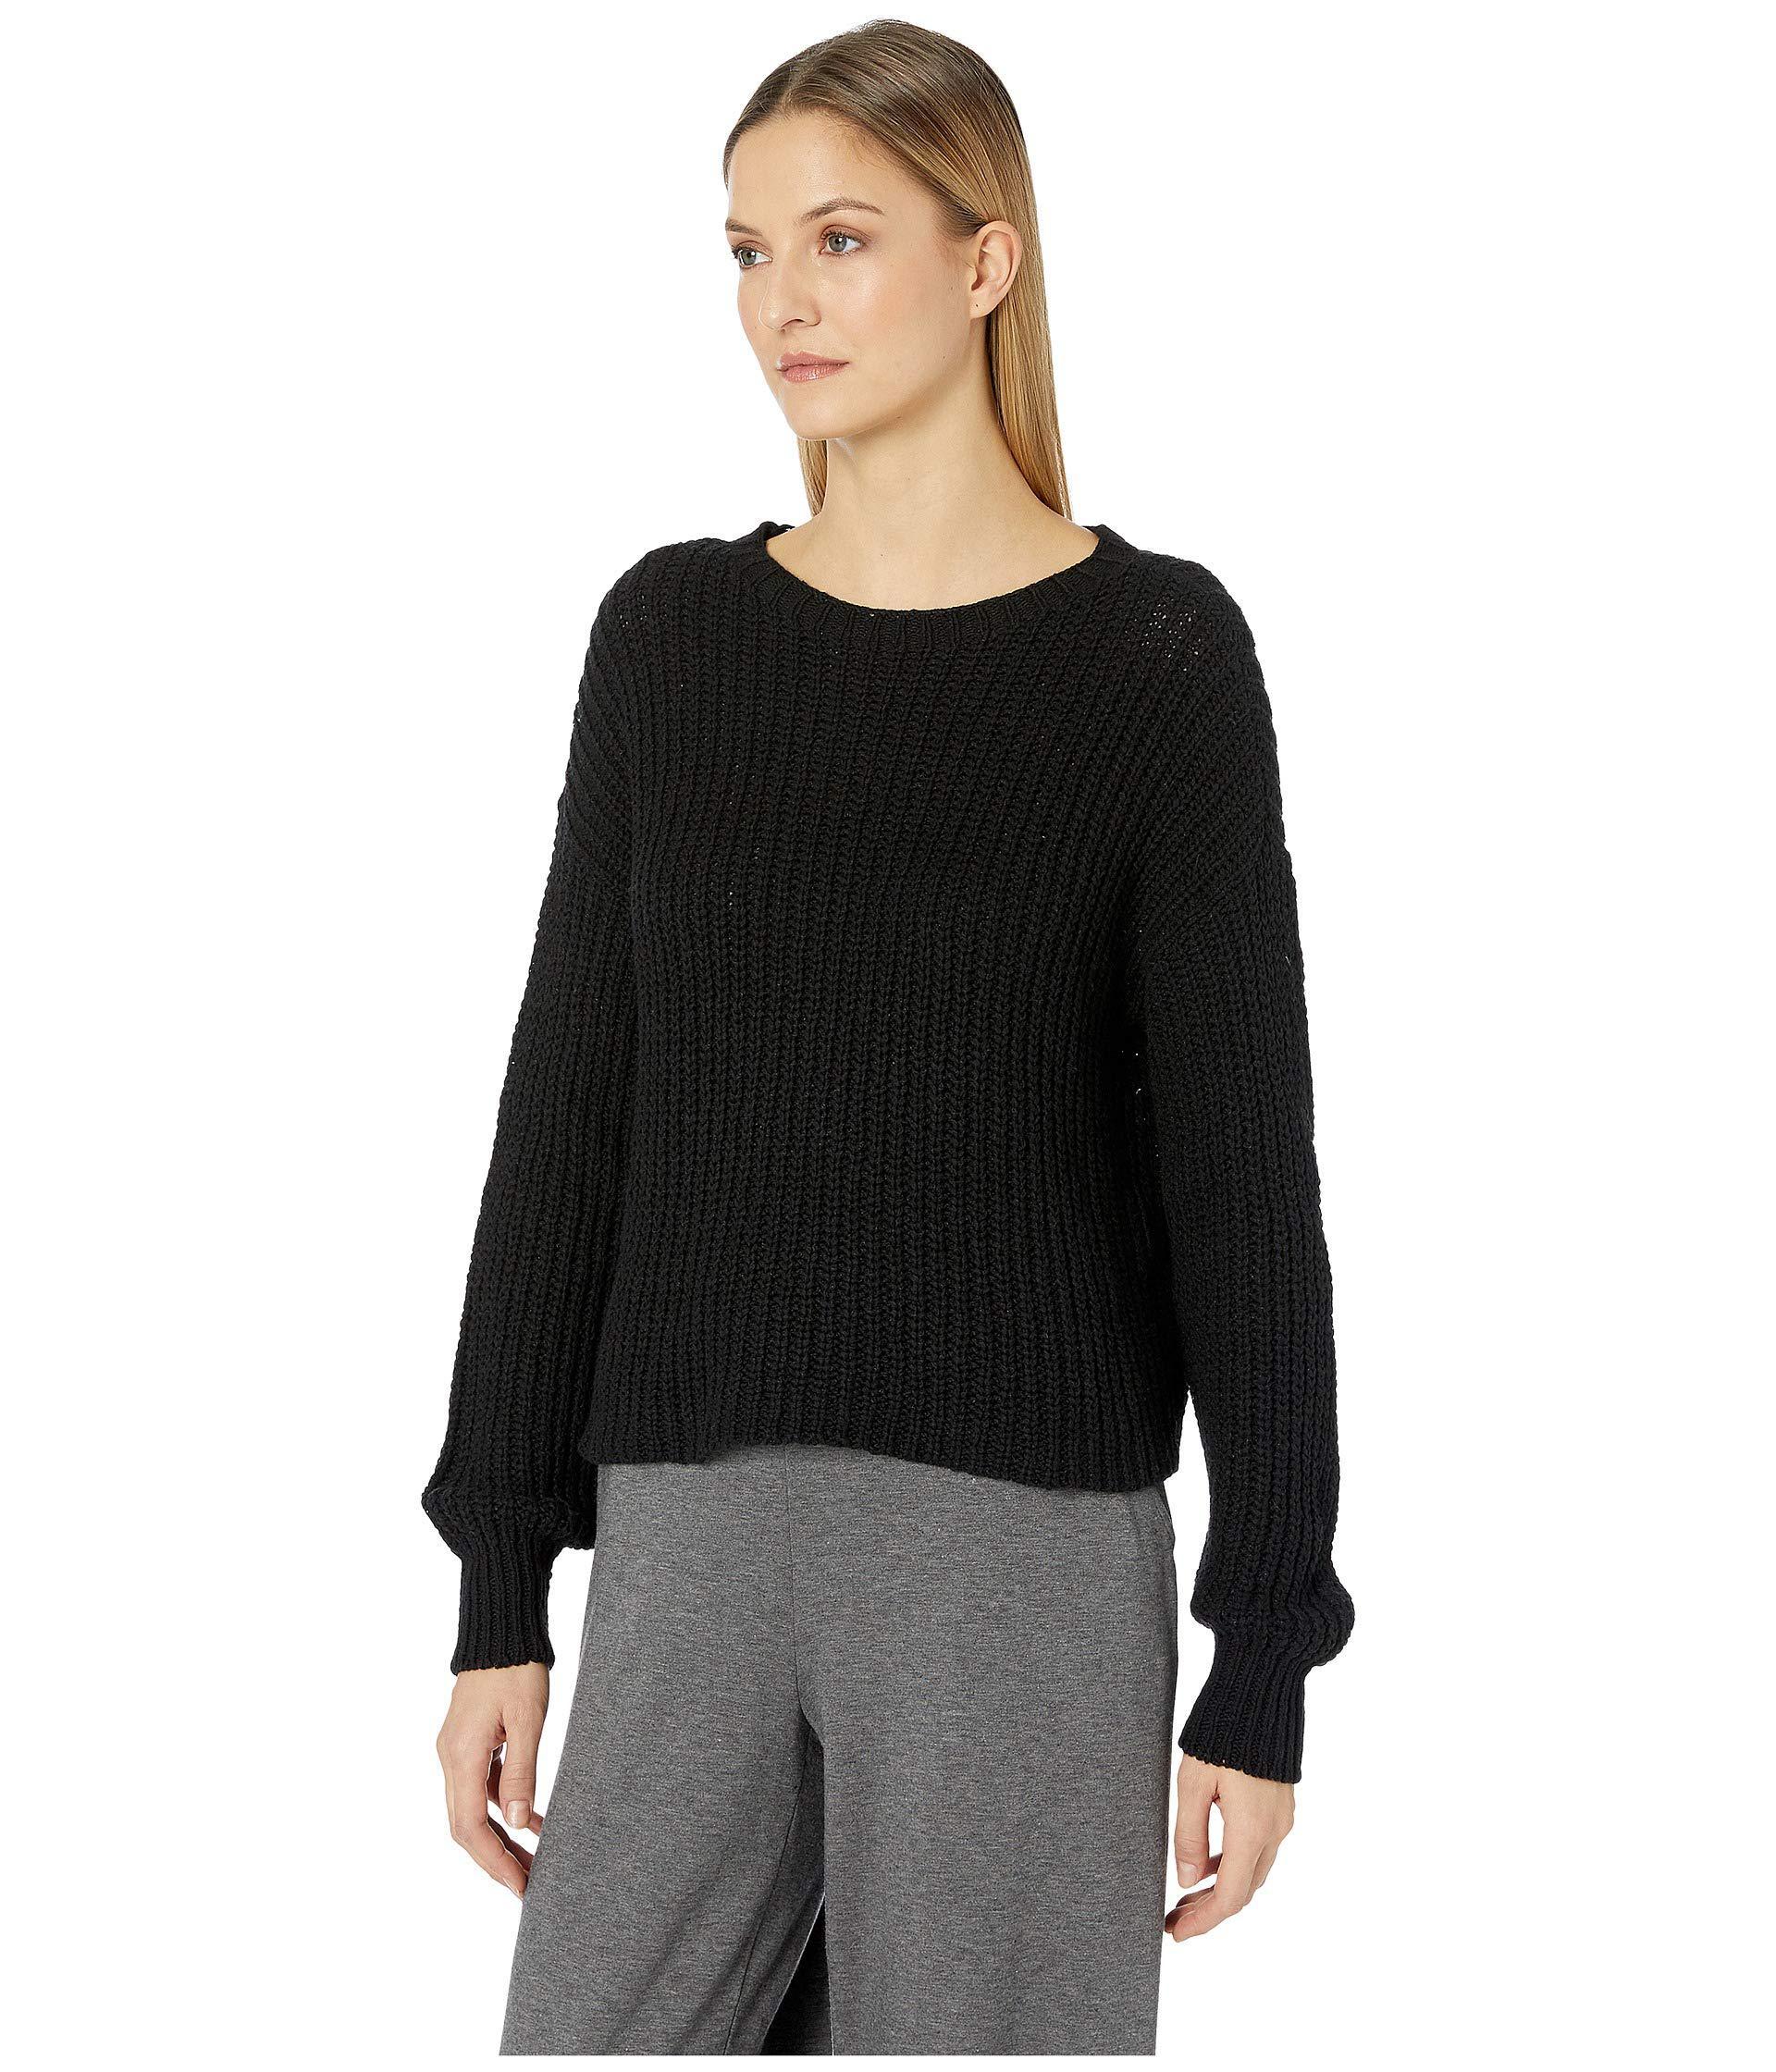 d8b23d518f36a Lyst - Eileen Fisher Scoop Neck Top (black) Women s Sweater in Black